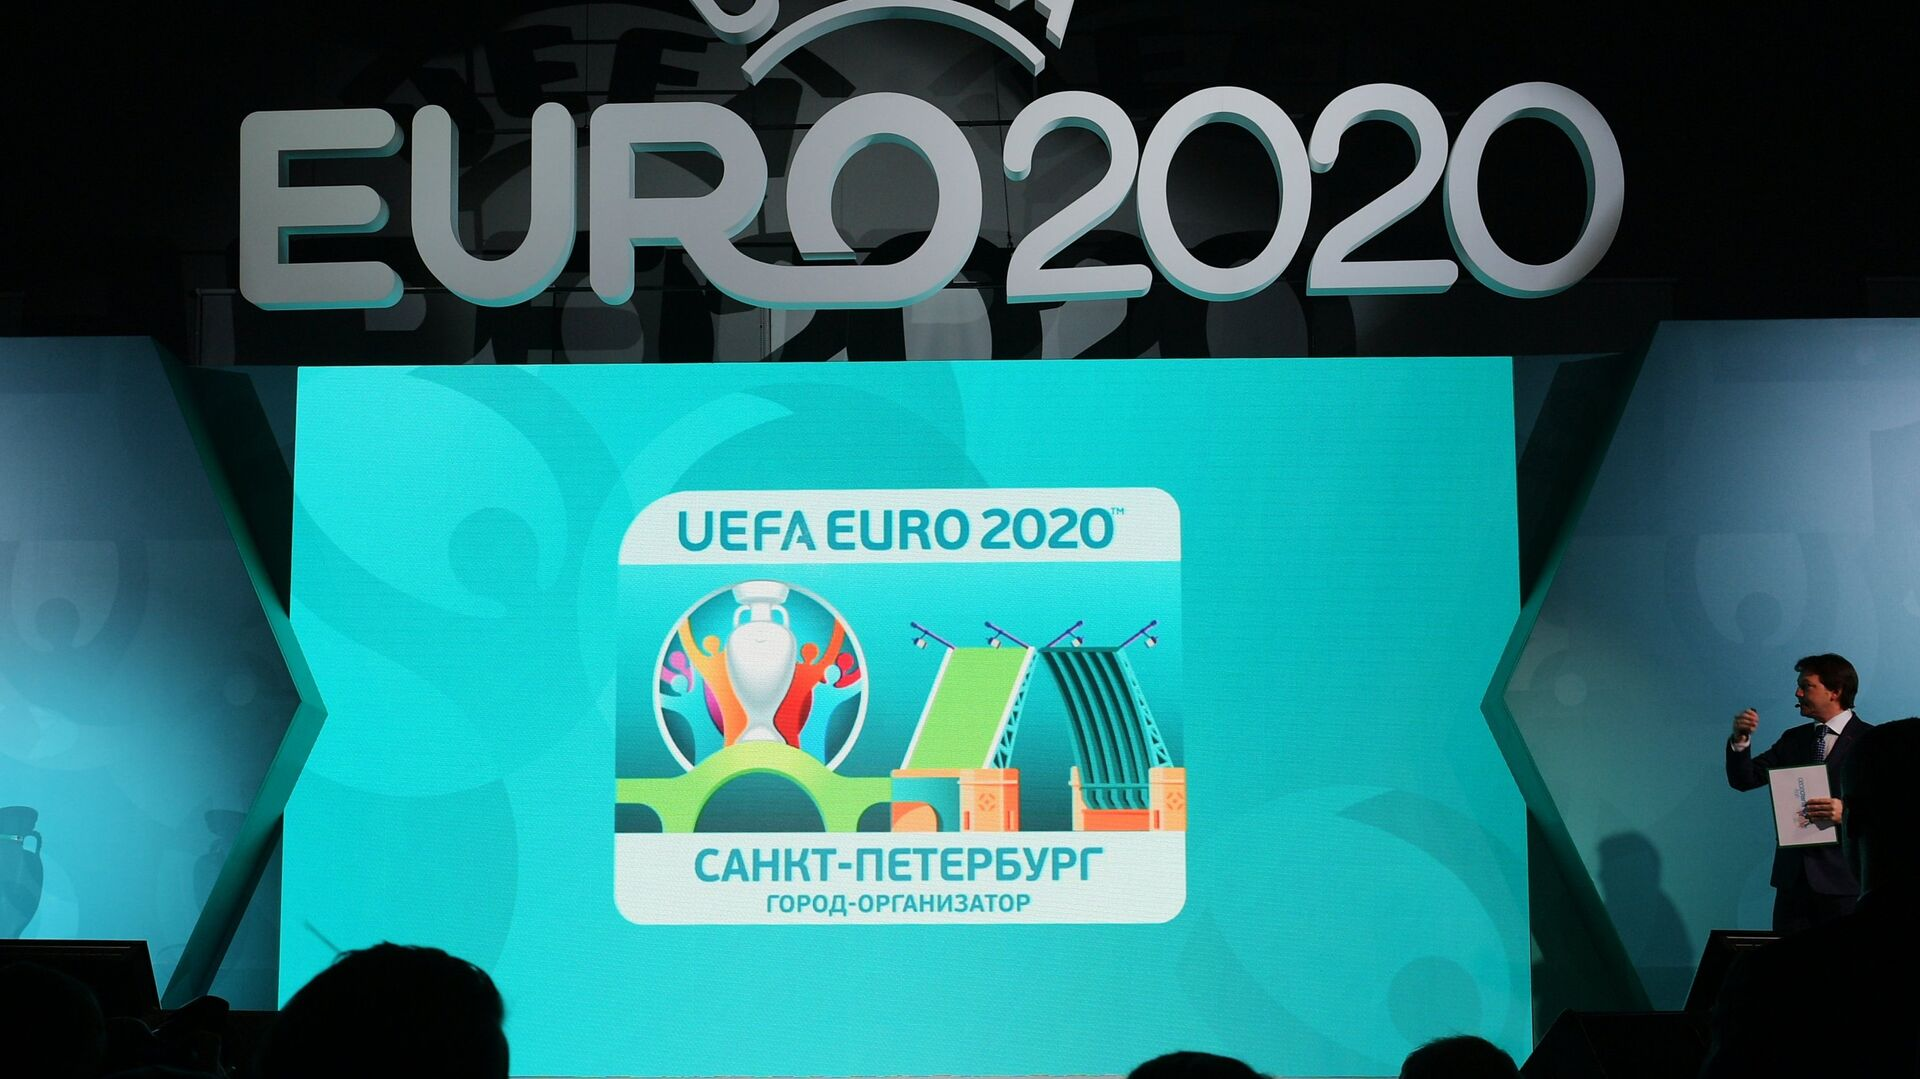 Церемония представления официальной эмблемы Санкт-Петербурга - города-организатора Евро-2020. 19 января 2017 - РИА Новости, 1920, 17.05.2021